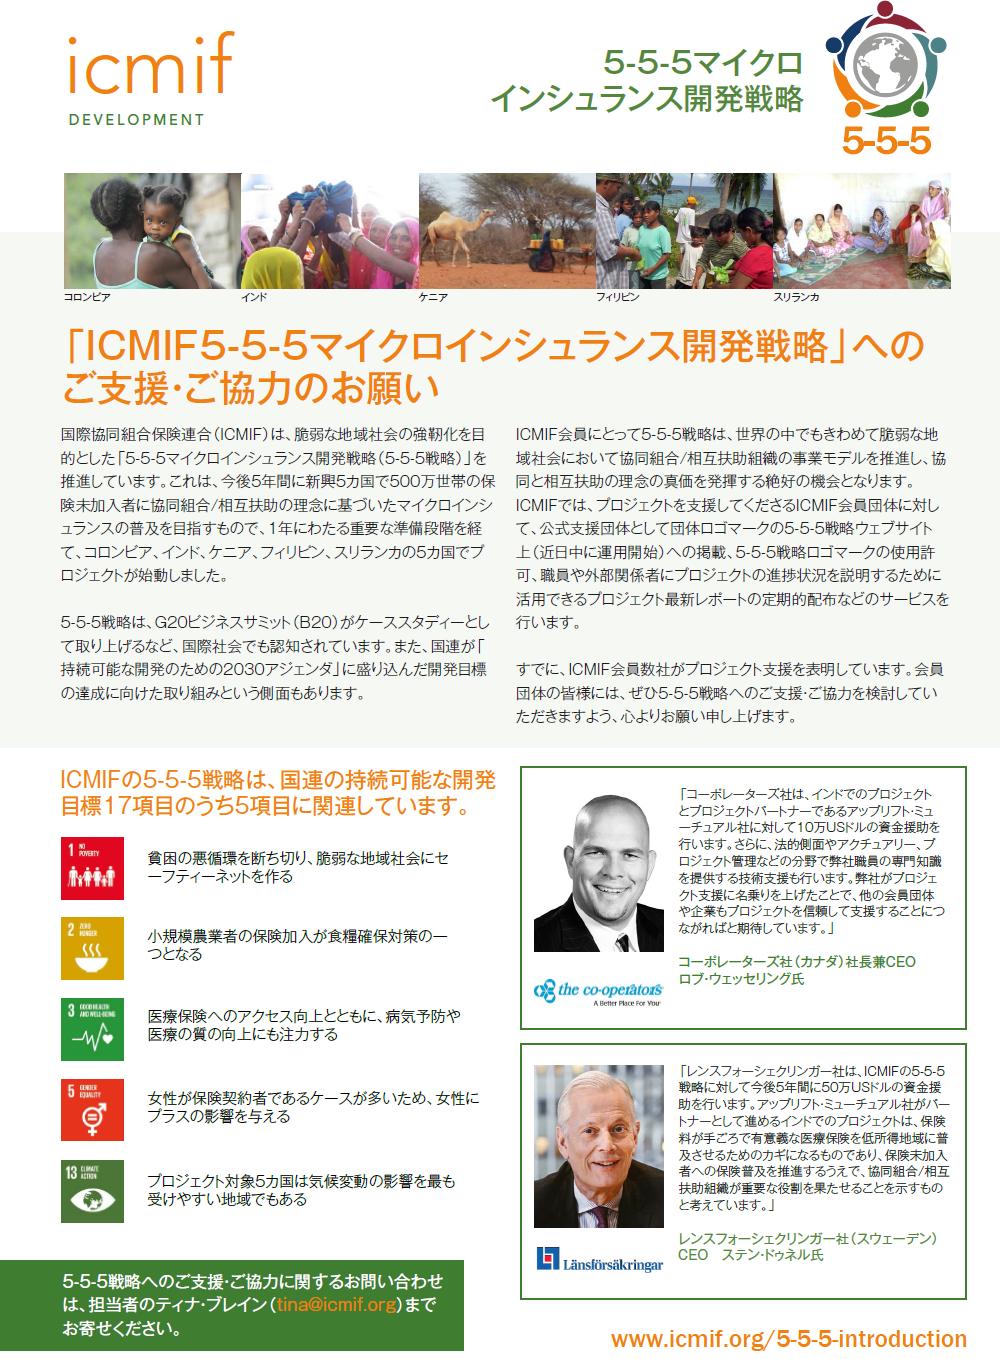 国際協同組合保険連合(ICMIF)は、脆弱な地域社会の強靭化を目的とした「5-5-5マイクロインシュランス開発戦略(5-5-5戦略)」を推進しています。これは、今後5年間に新興5カ国で500万世帯の保険未加入者に協同組合/相互扶助の理念に基づいたマイクロインシュランスの普及を目指すもので、1年にわたる重要な準備段階を経て、コロンビア、インド、ケニア、フィリピン、スリランカの5カ国でプロジェクトが始動しました。5-5-5戦略は、G20ビジネスサミット(B20)がケーススタディーとして取り上げるなど、国際社会でも認知されています。また、国連が「持続可能な開発のための2030アジェンダ」に盛り込んだ開発目標の達成に向けた取り組みという側面もあります。ICMIF会員にとって5-5-5戦略は、世界の中でもきわめて脆弱な地域社会において協同組合/相互扶助組織の事業モデルを推進し、協同と相互扶助の理念の真価を発揮する絶好の機会となります。ICMIFでは、プロジェクトを支援してくださるICMIF会員団体に対して、公式支援団体として団体ロゴマークの5-5-5戦略ウェブサイト上(近日中に運用開始)への掲載、5-5-5戦略ロゴマークの使用許可、職員や外部関係者にプロジェクトの進捗状況を説明するために活用できるプロジェクト最新レポートの定期的配布などのサービスを行います。すでに、ICMIF会員数社がプロジェクト支援を表明しています。会員団体の皆様には、ぜひ5-5-5戦略へのご支援・ご協力を検討していただきますよう、心よりお願い申し上げます。ICMIFの5-5-5戦略は、国連の持続可能な開発目標17項目のうち5項目に関連しています。貧困の悪循環を断ち切り、脆弱な地域社会にセーフティーネットを作る 小規模農業者の保険加入が食糧確保対策の一つとなる 医療保険へのアクセス向上とともに、病気予防や医療の質の向上にも注力する 女性が保険契約者であるケースが多いため、女性にプラスの影響を与える プロジェクト対象5カ国は気候変動の影響を最も受けやすい地域でもある 5-5-5戦略へのご支援・ご協力に関するお問い合わせは、担当者のティナ・ブレイン(tina@icmif.org)までお寄せください。 「コーポレーターズ社は、インドでのプロジェクトとプロジェクトパートナーであるアップリフト・ミューチュアル社に対して10万USドルの資金援助を行います。さらに、法的側面やアクチュアリー、プロジェクト管理などの分野で弊社職員の専門知識を提供する技術支援も行います。弊社がプロジェクト支援に名乗りを上げたことで、他の会員団体や企業もプロジェクトを信頼して支援することにつながればと期待しています。」 コーポレーターズ社(カナダ)社長兼CEO ロブ・ウェッセリング氏 「レンスフォーシェクリンガー社は、ICMIFの5-5-5戦略に対して今後5年間に50万USドルの資金援助を行います。アップリフト・ミューチュアル社がパートナーとして進めるインドでのプロジェクトは、保険料が手ごろで有意義な医療保険を低所得地域に普及させるためのカギになるものであり、保険未加入者への保険普及を推進するうえで、協同組合/相互扶助組織が重要な役割を果たせることを示すものと考えています。」 レンスフォーシェクリンガー社(スウェーデン) CEO ステン・ドゥネル氏 www.icmif.org/5-5-5-introduction